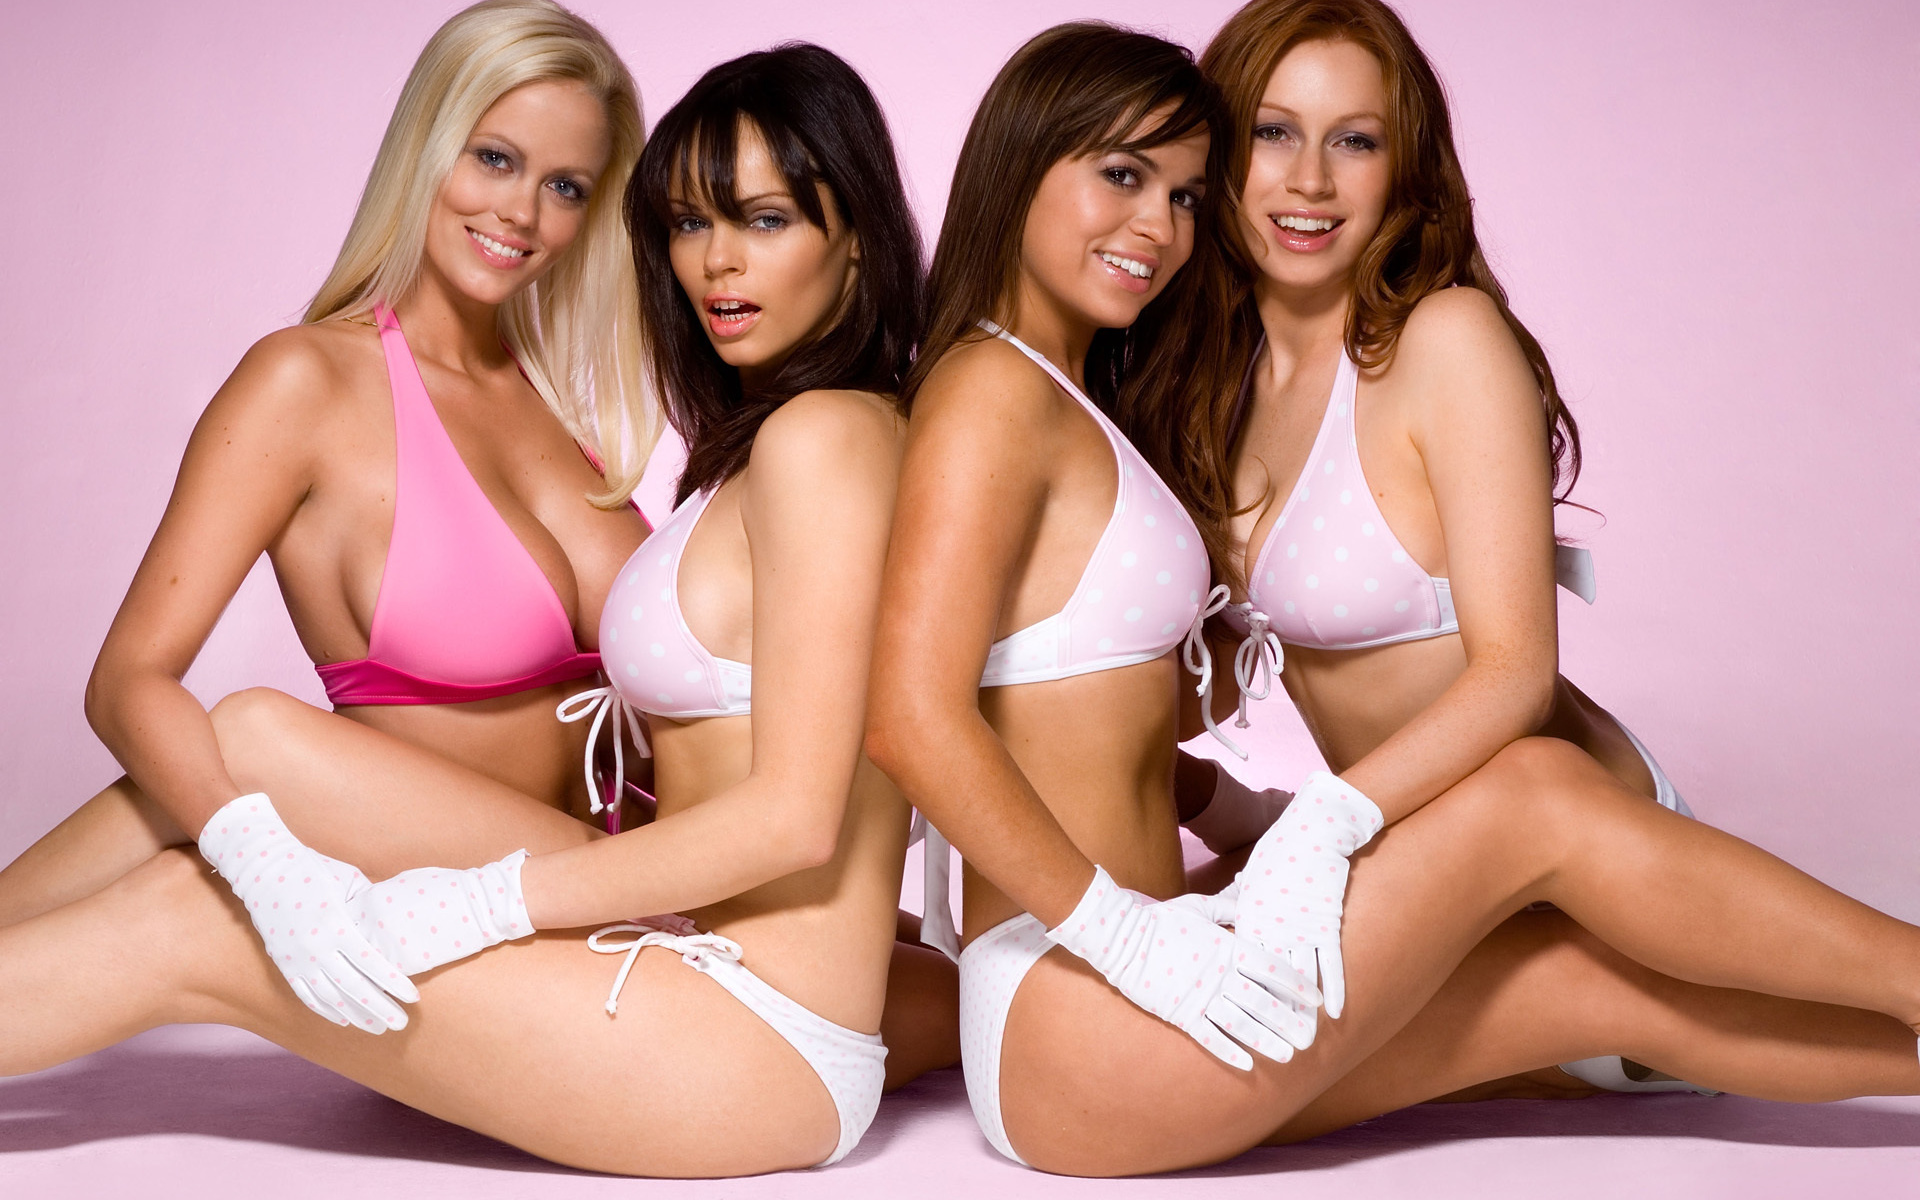 этот сайт, групповые фото голых девушек фотографии сайте доступны